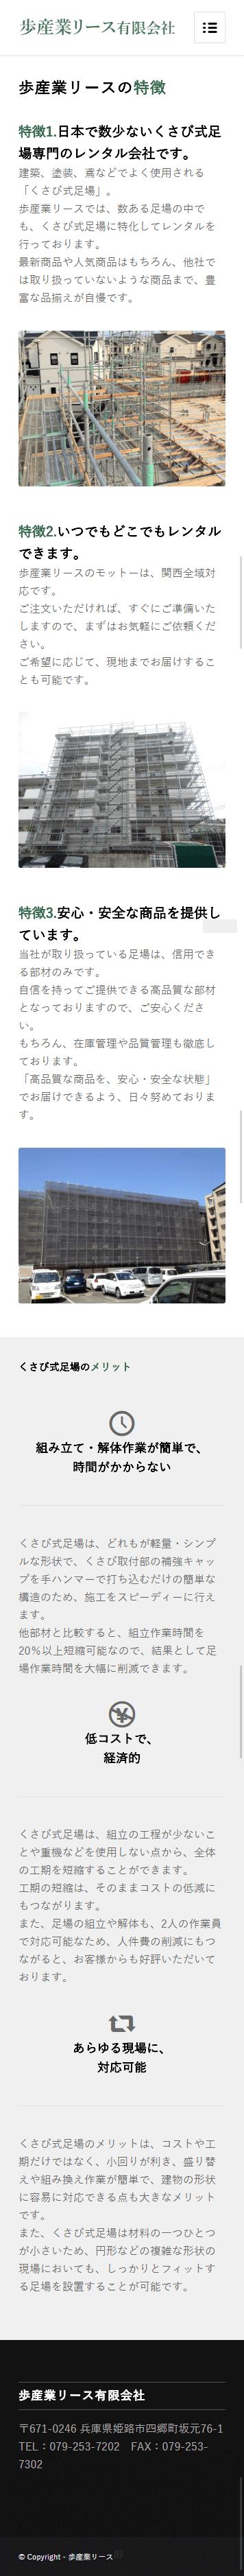 姫路市 歩産業リース有限会社様 ホームページ制作4